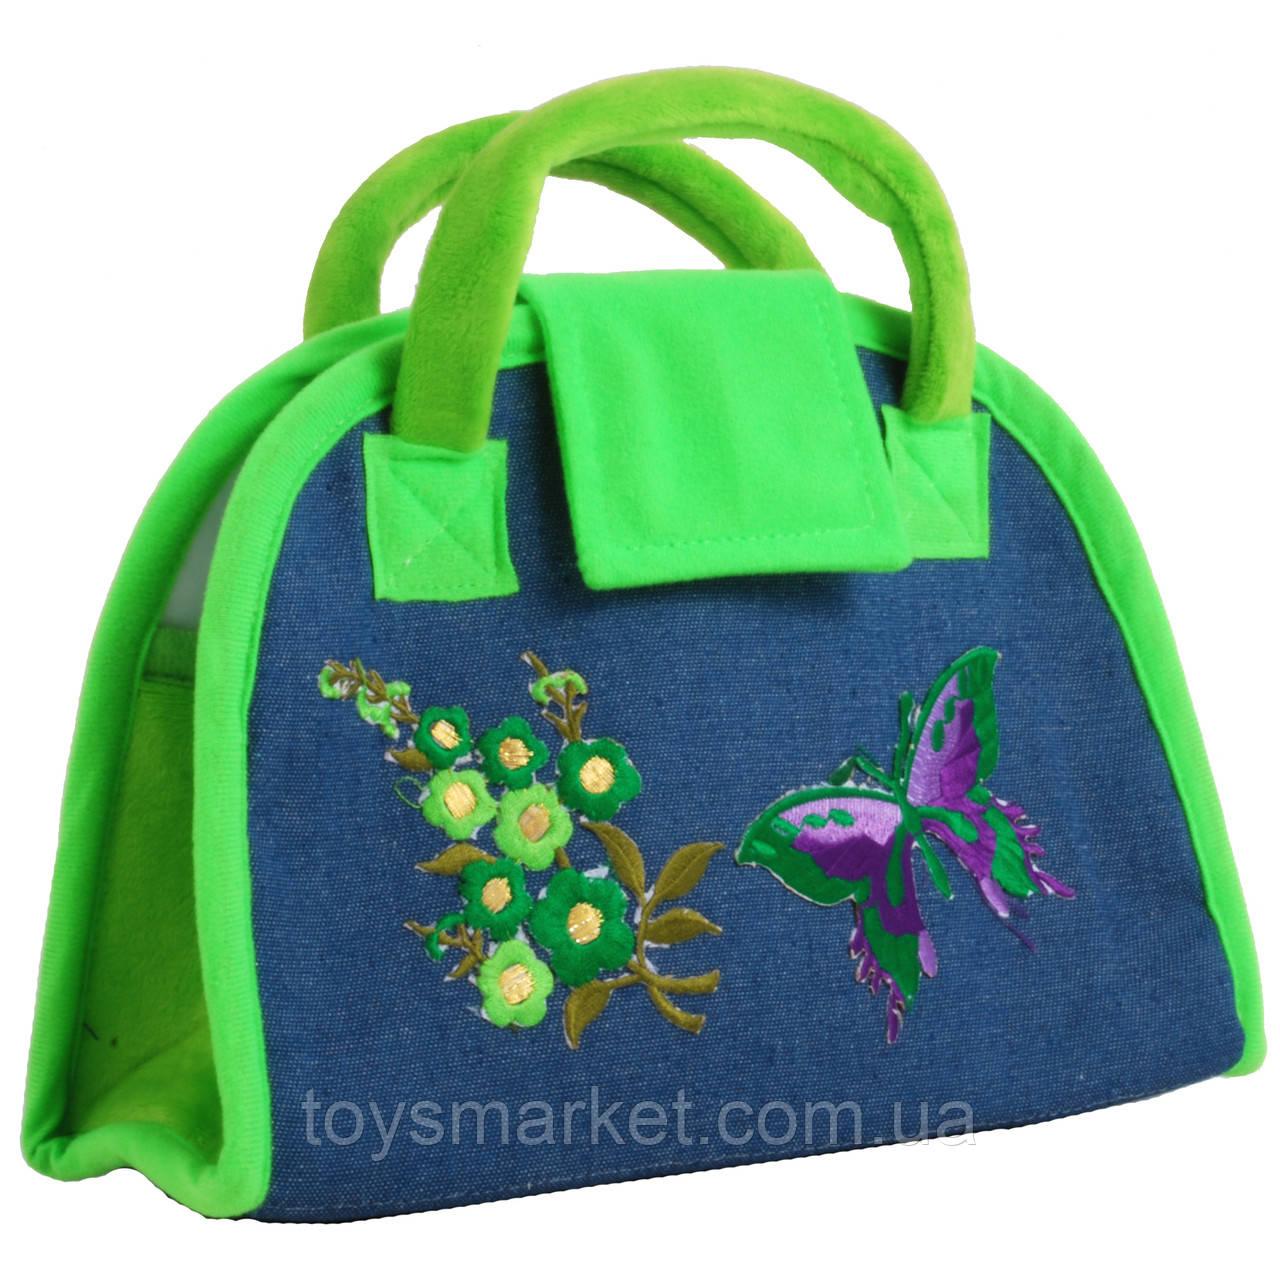 8db754e9e9ff Детская сумка летняя: мягкие игрушки в Наличии от прозводителя сумки ...